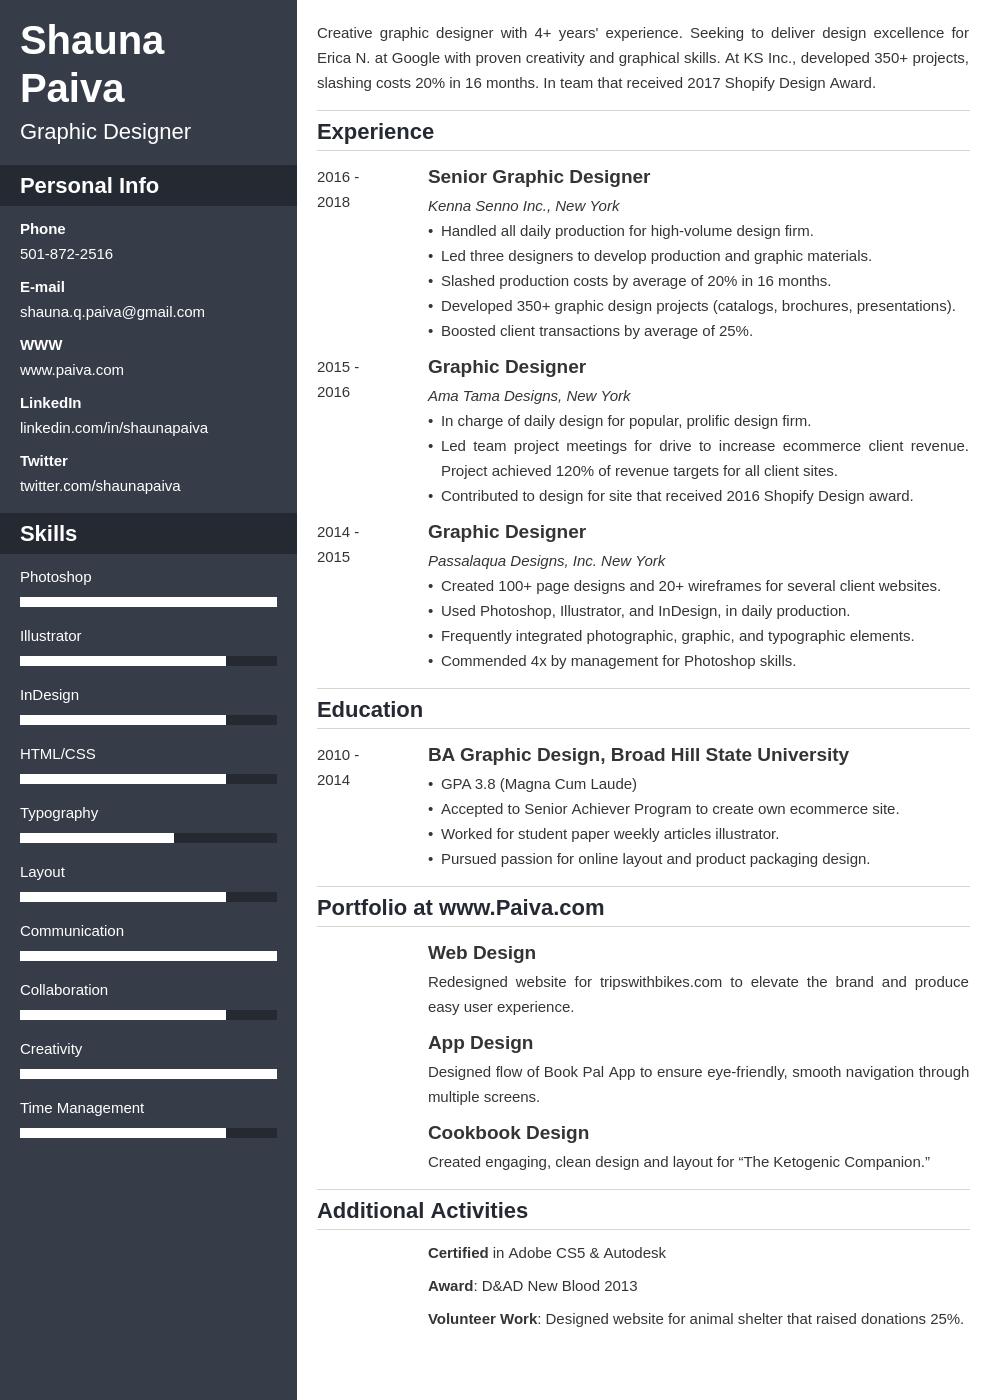 resume look template cascade uk